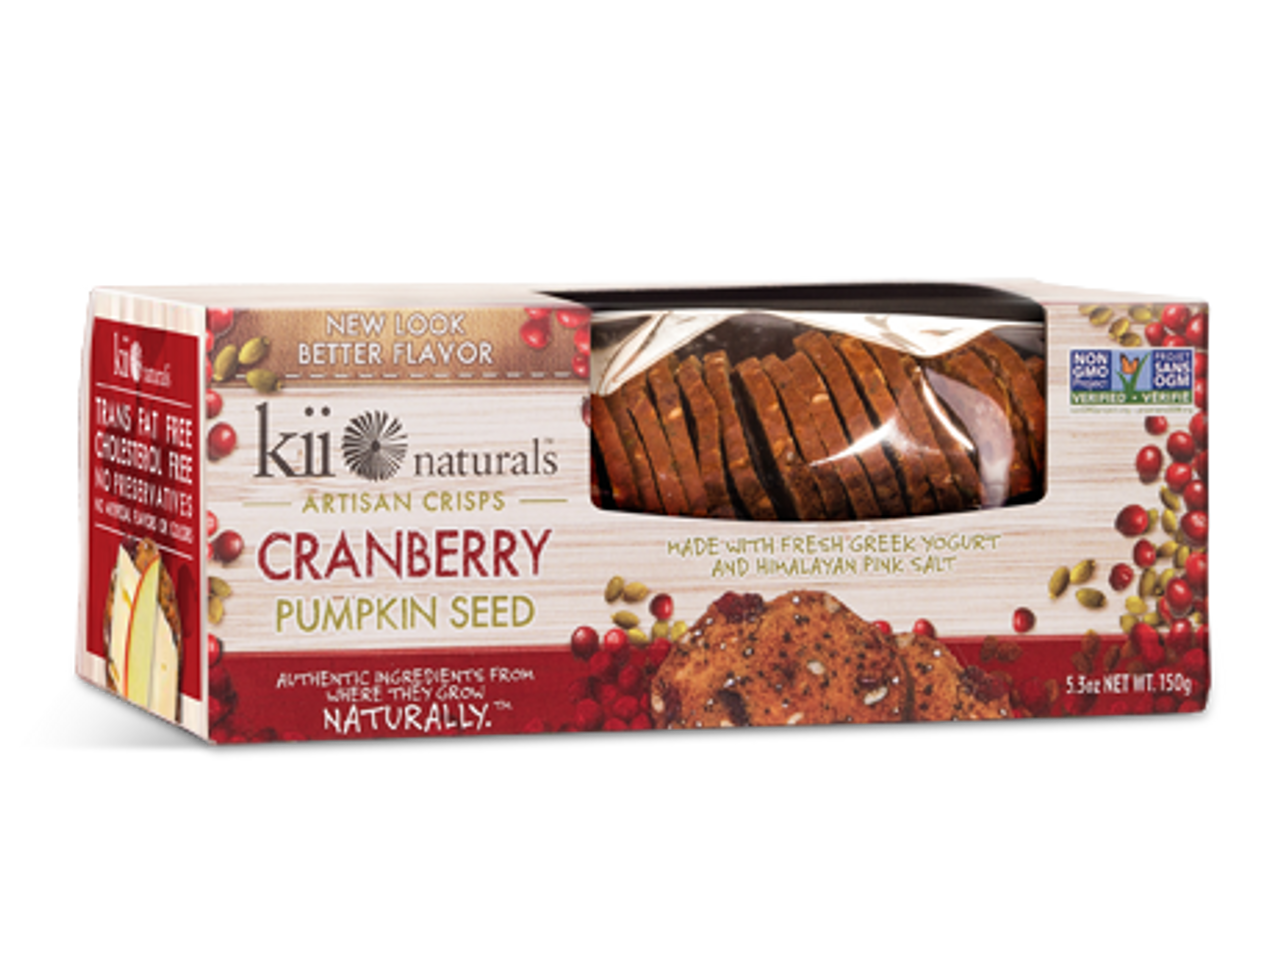 Kii Naturals Cranberry & Pumpkin Seed